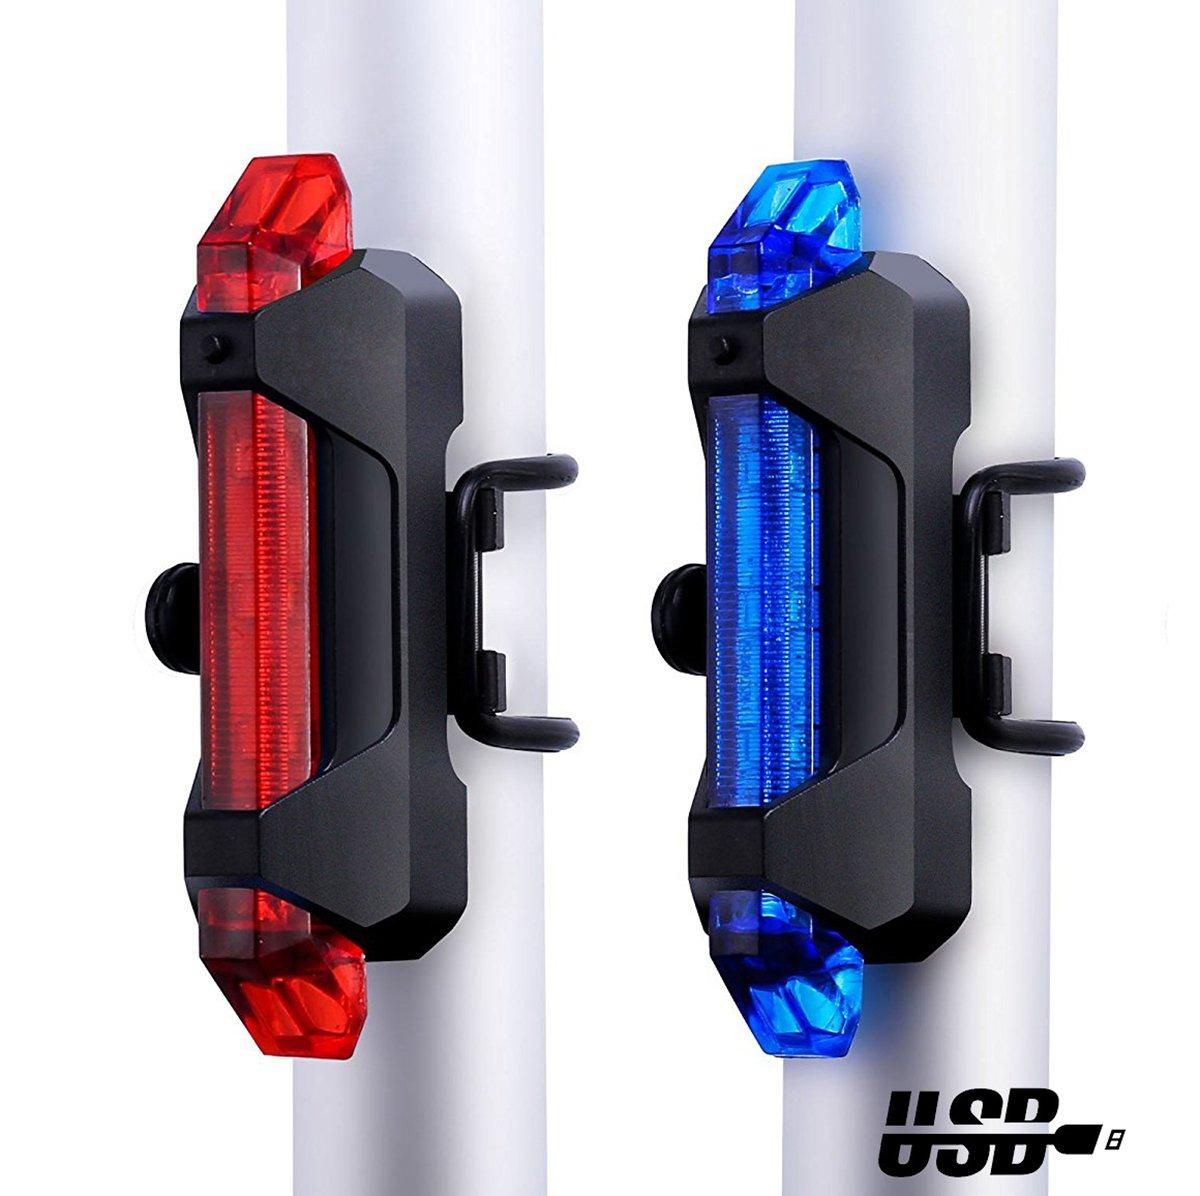 intermitente//Iluminaci/ón de alta//ba vimmor 2/Pack USB recargable LED Bicicleta luces traseras Super brillante bicicleta luz trasera bicicleta seguridad luz potente para bicicleta faros traseros para 4/modos Bicicleta faros traseros para